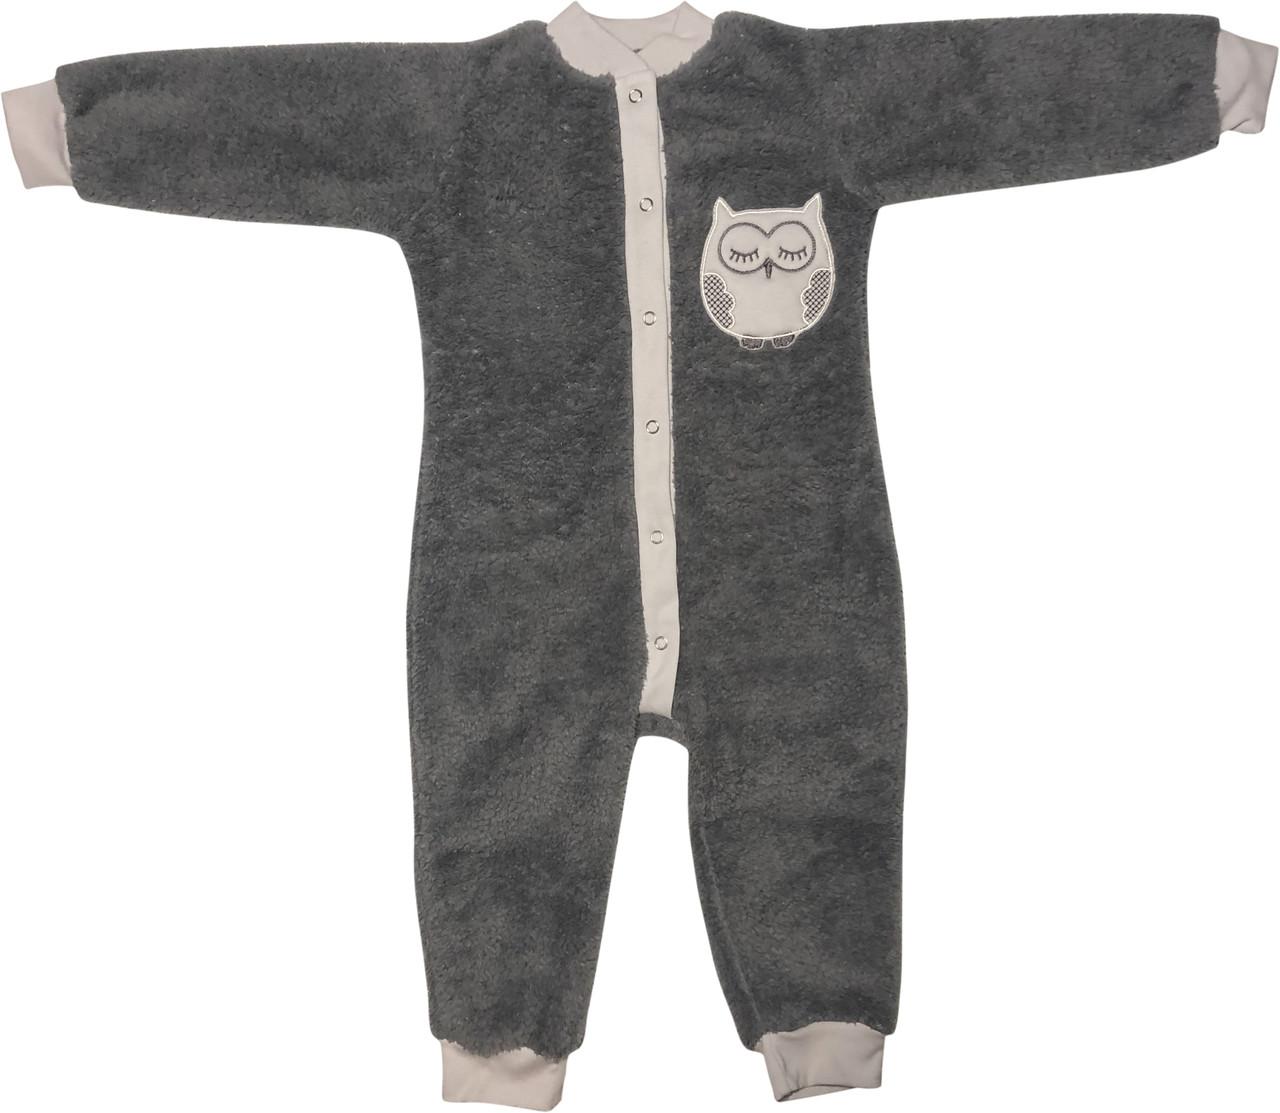 Теплий чоловічок чоловічок на хлопчика ріст 92 1,5-2 роки для малюків махровий дитячий з відритими ніжками